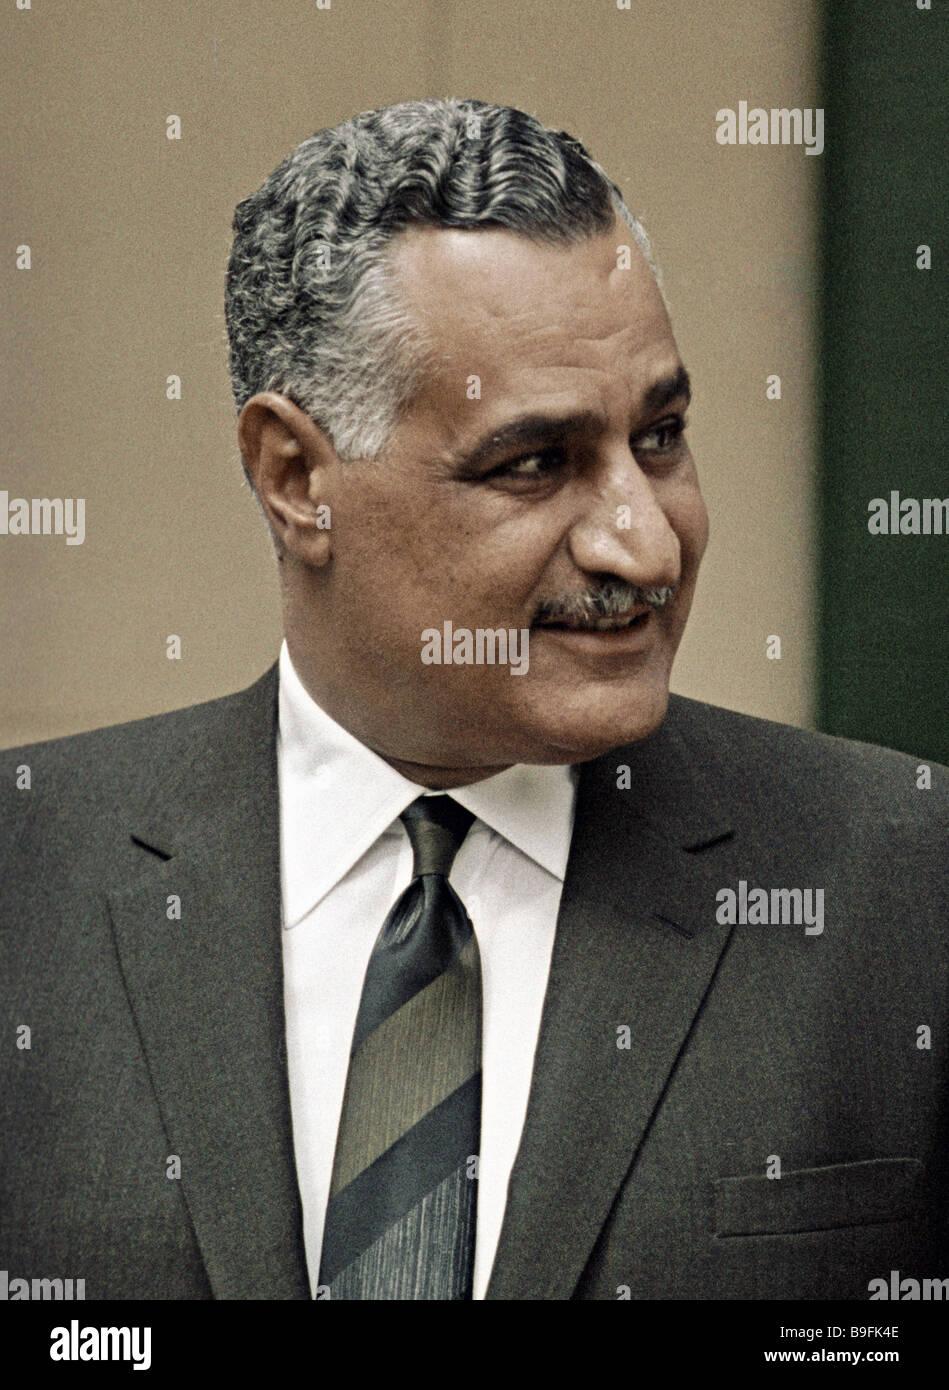 Gamal Abdel Nasser President of the United Arab Republic - Stock Image